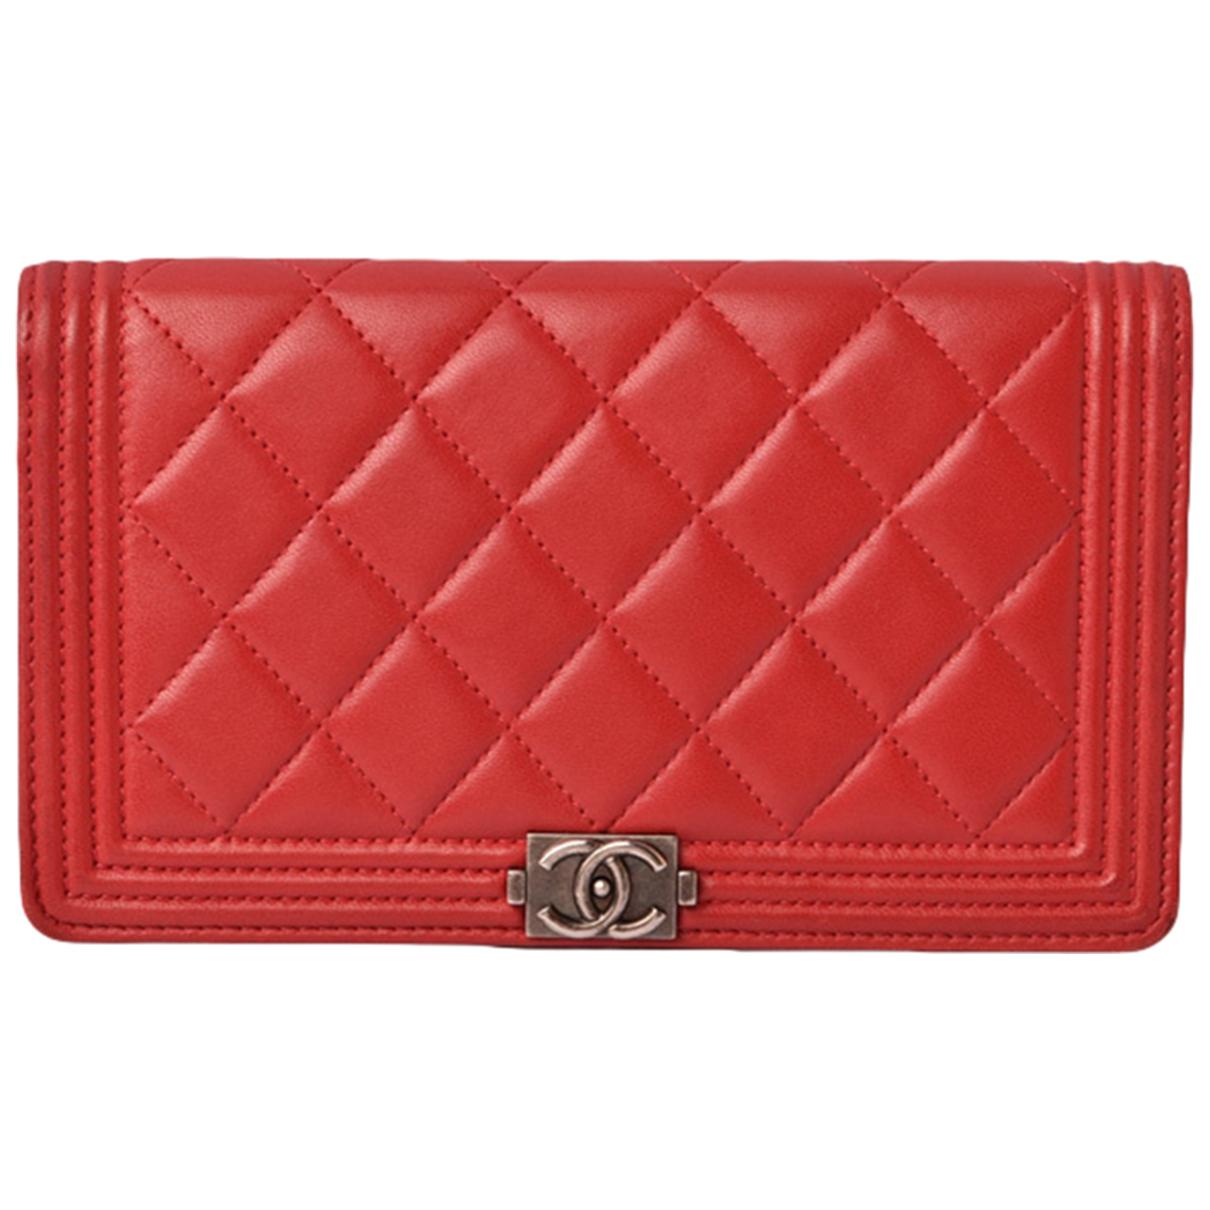 Chanel - Portefeuille Boy pour femme en cuir - rouge